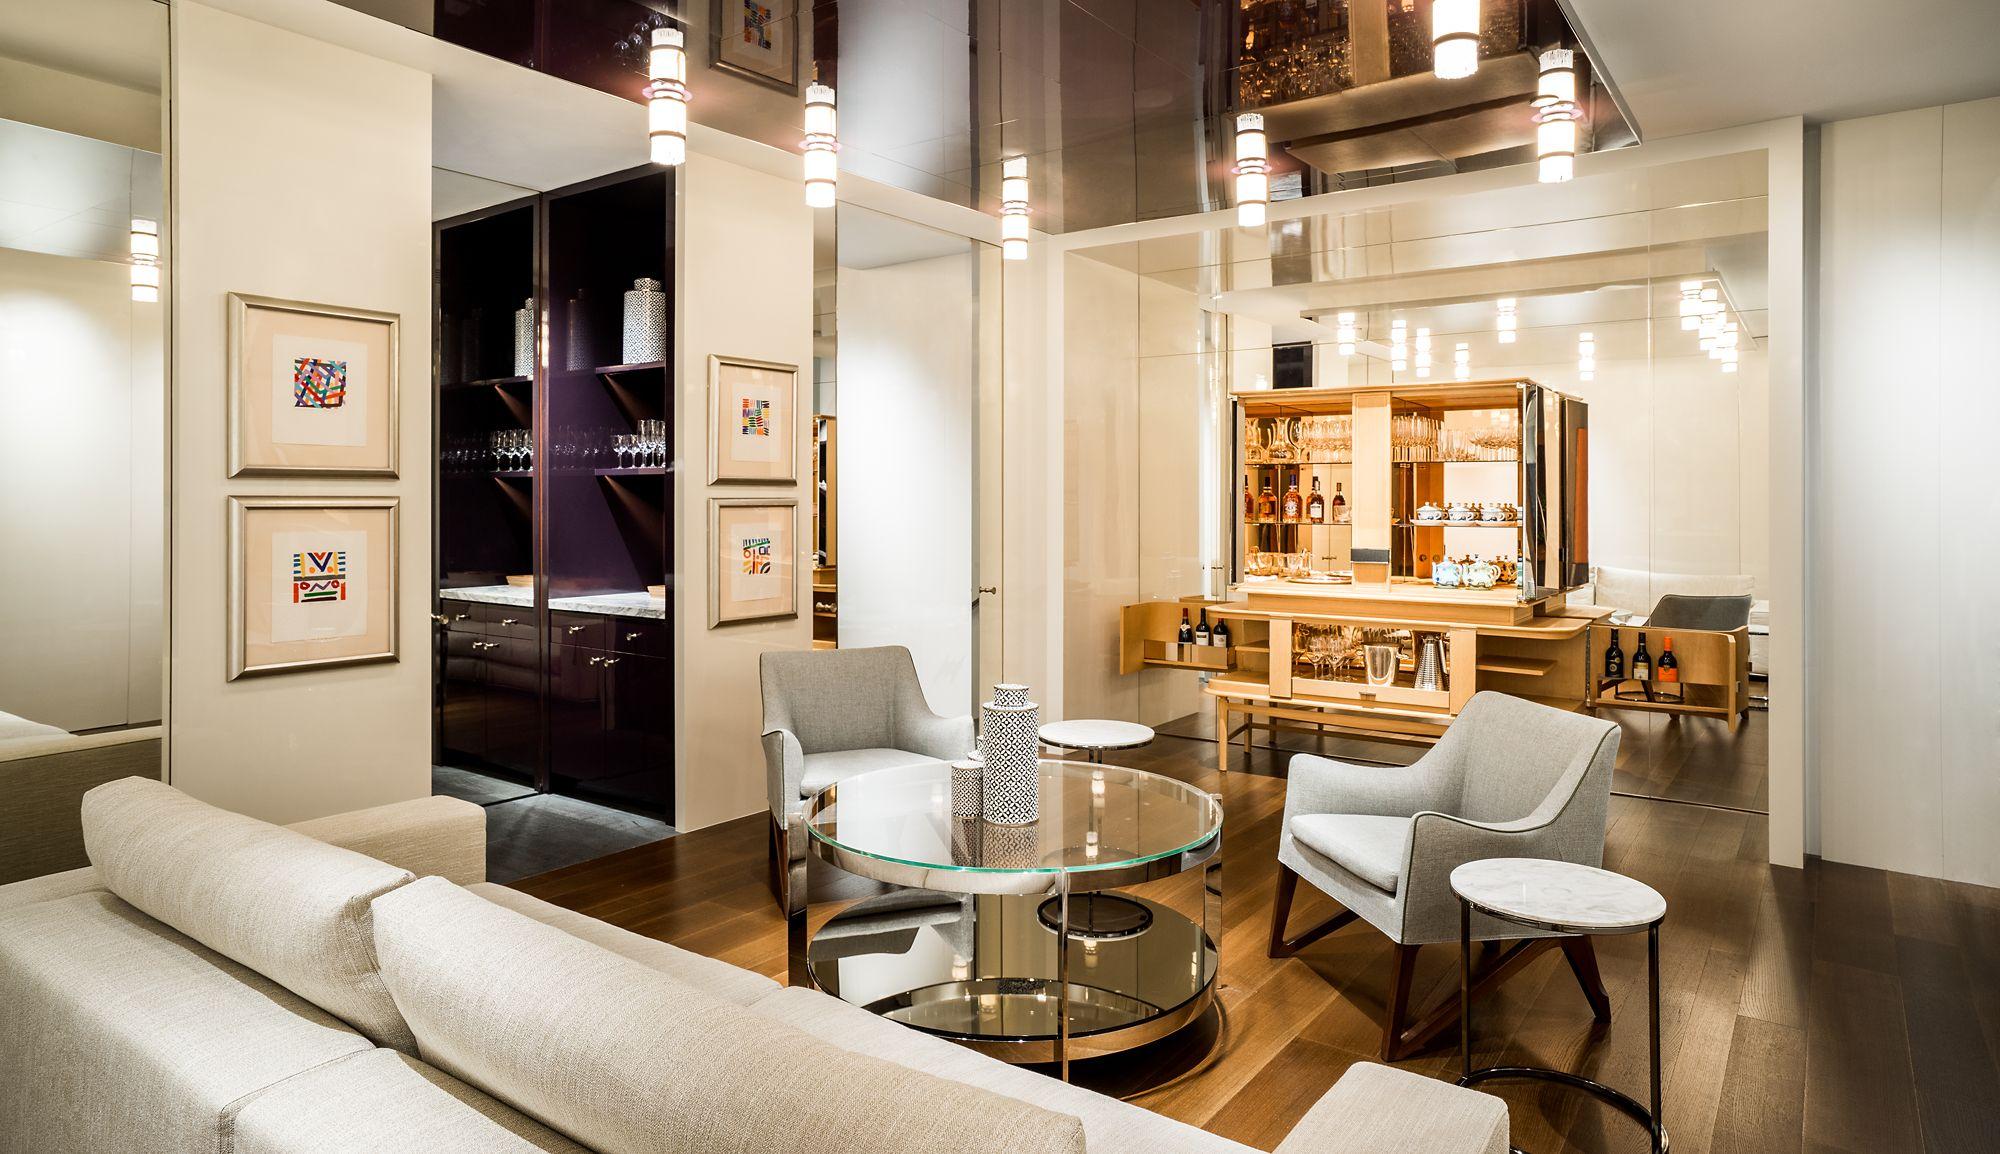 Ritz Carlton Millenium Singapore rooms